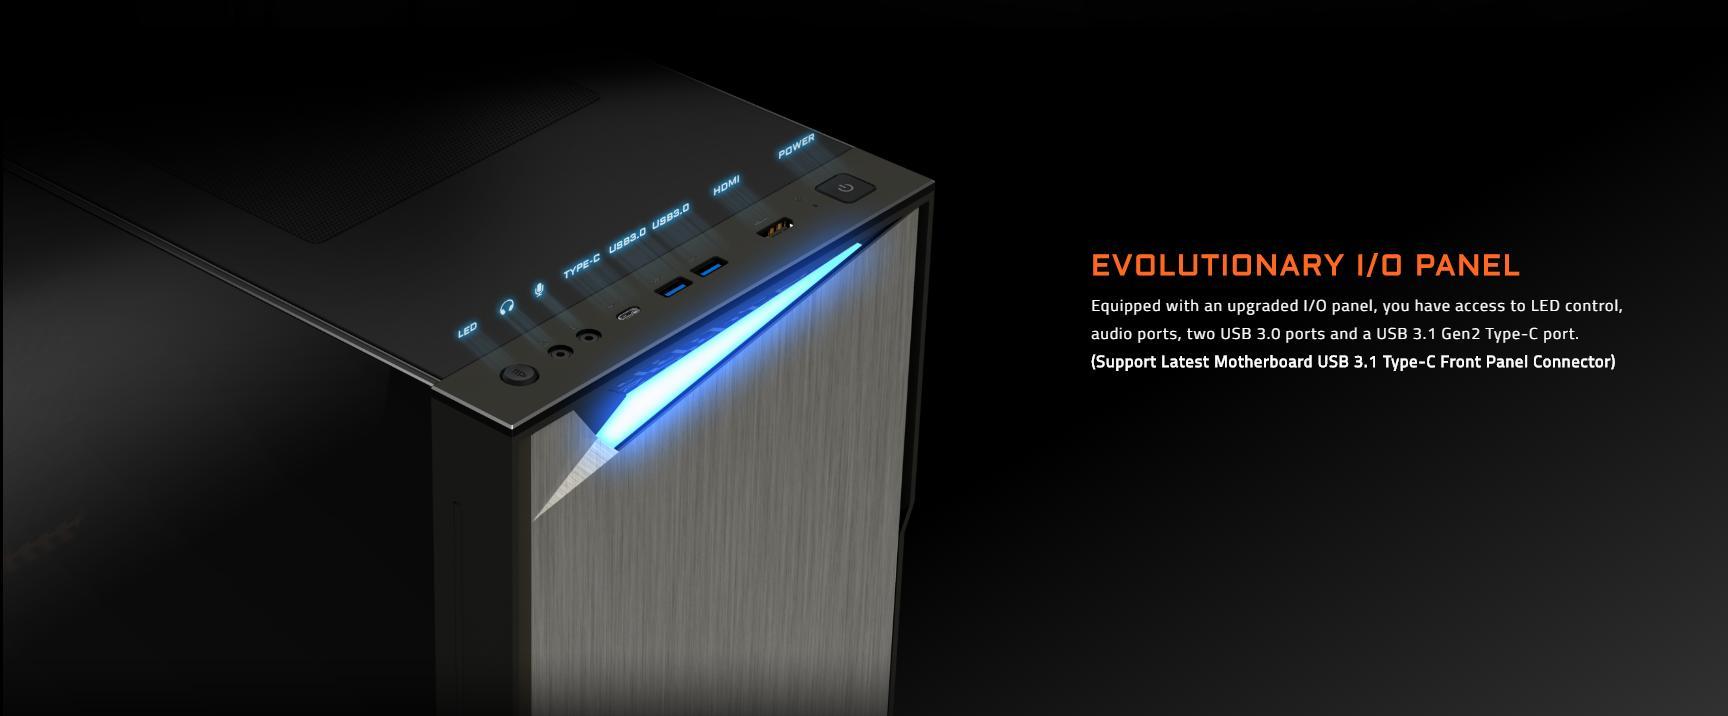 Vỏ Case Gigabyte GB-AC300G Tempered Glass Gaming (Mid Tower/Màu Đen/Led RGB) được trang bịmặt I/O tiên tiếnvới nút điều chỉnhLED, cổng âm thanh và ba cổng USBtrong đó cóUSB Type-C